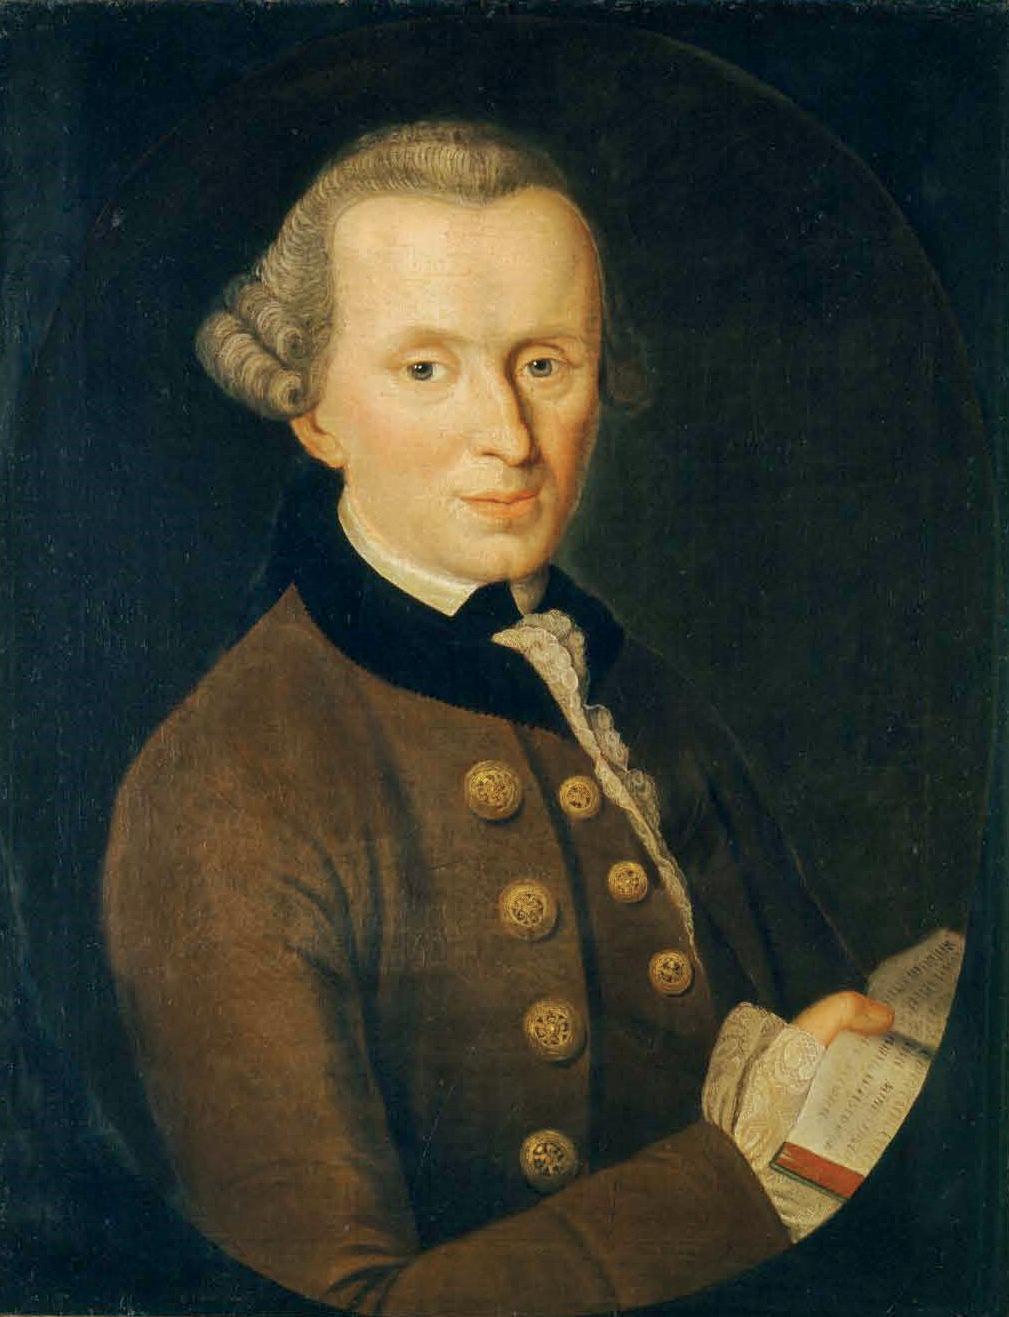 De galante professor Immanuel Kant